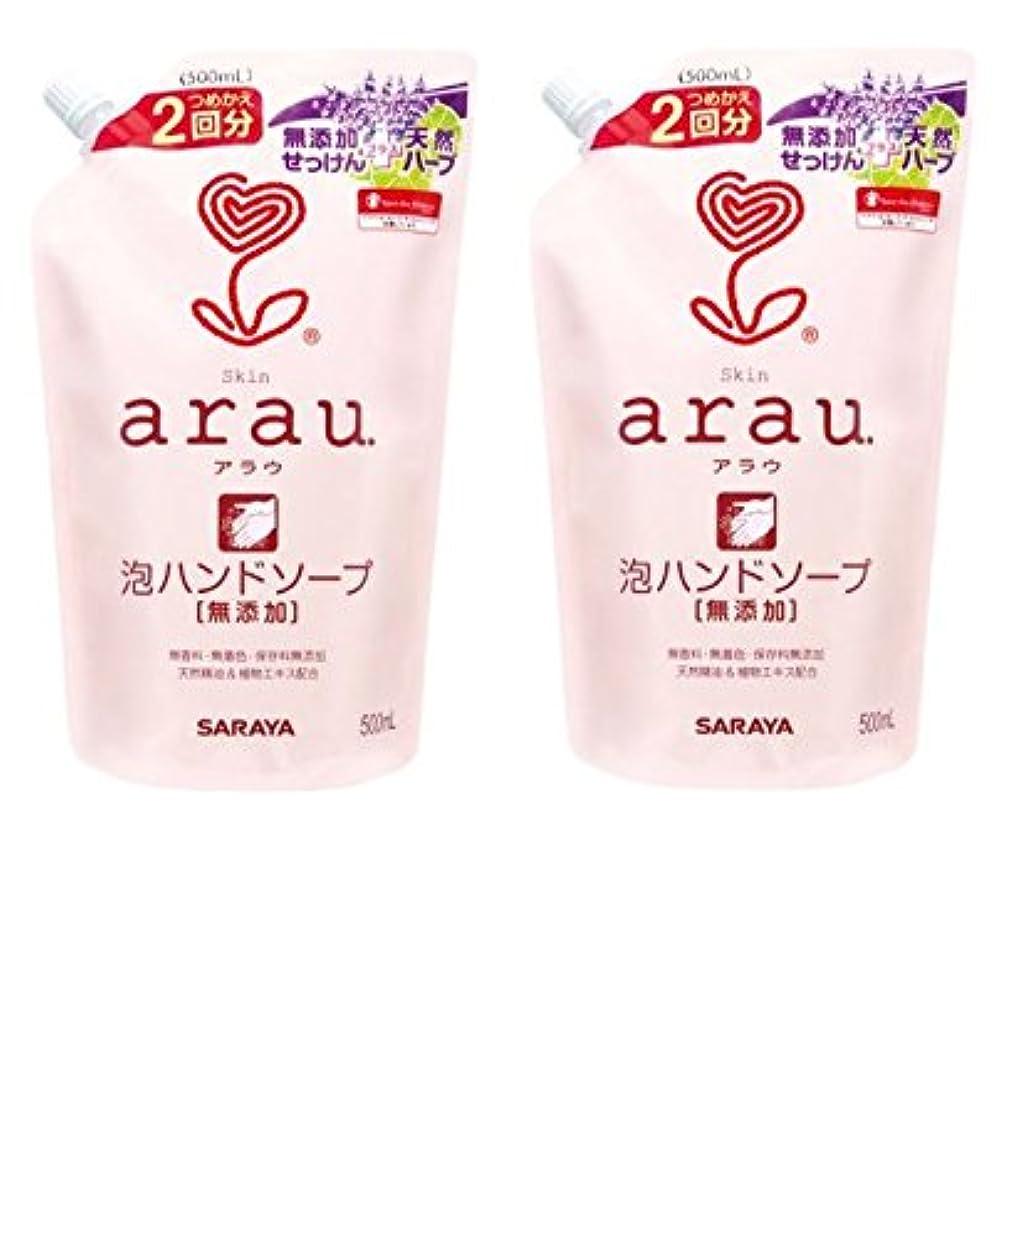 めったにプラス不要【まとめ買い】サラヤ arau. アラウ 泡ハンドソープ 詰替用 500ml × 2個